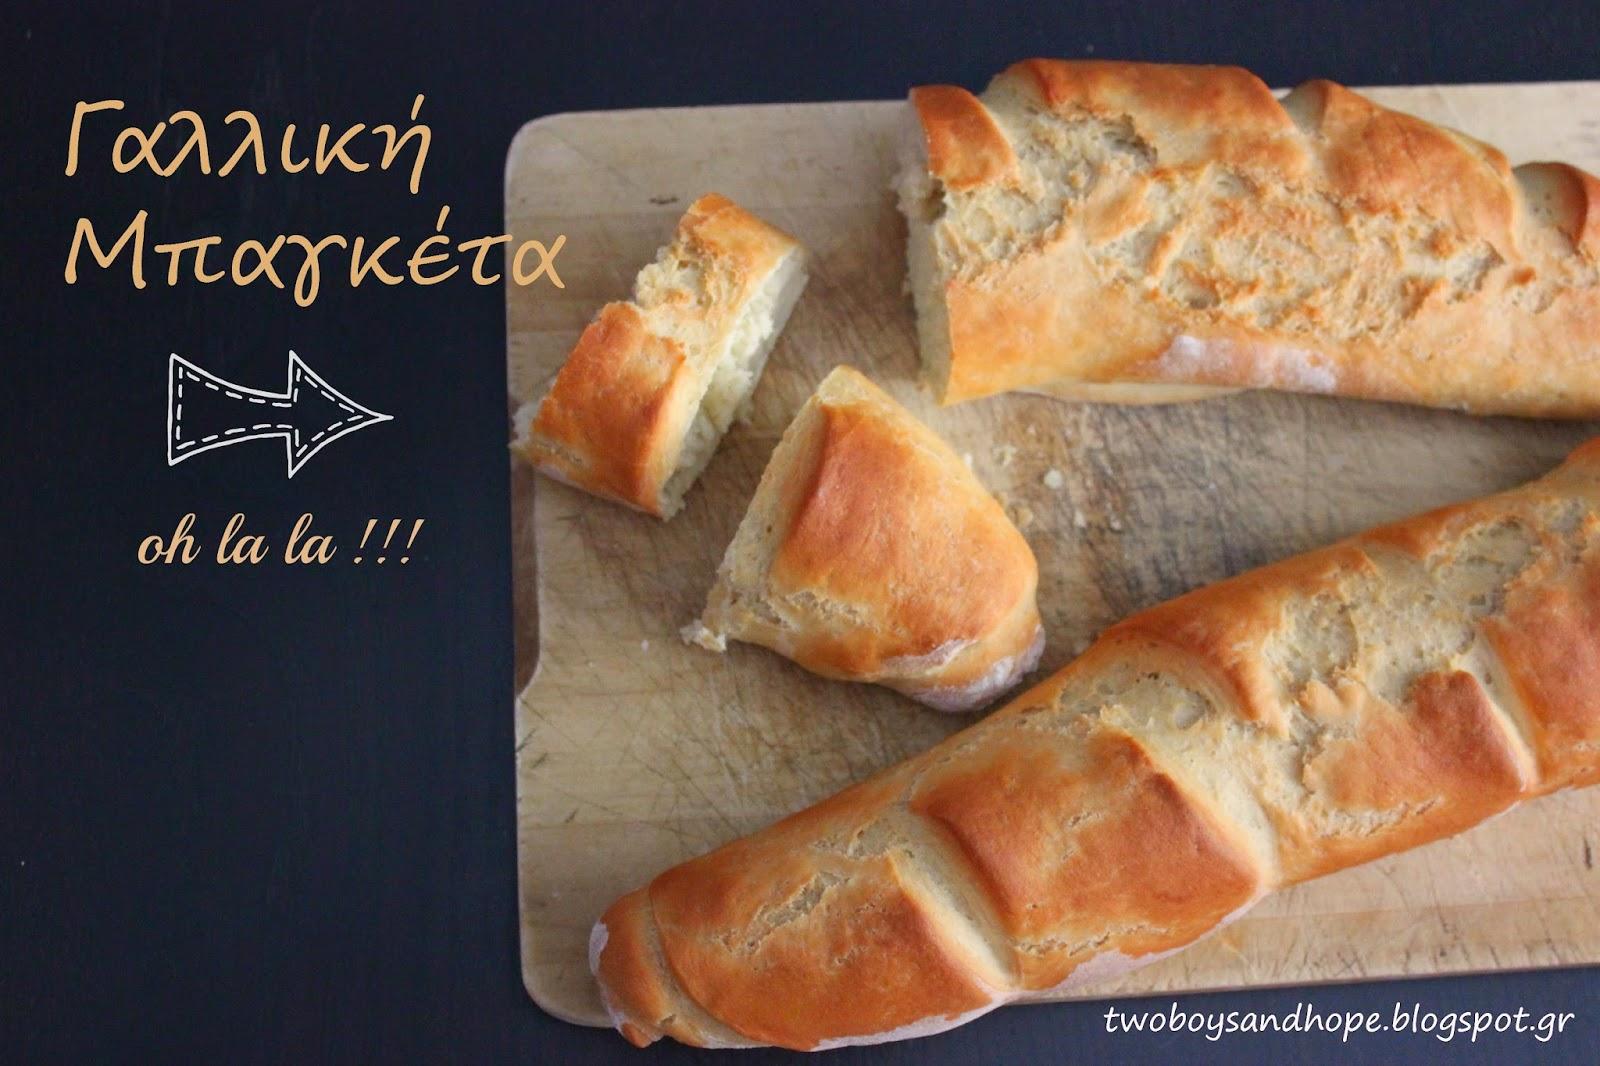 Γαλλικές μπαγκέτες… oh la la !!!